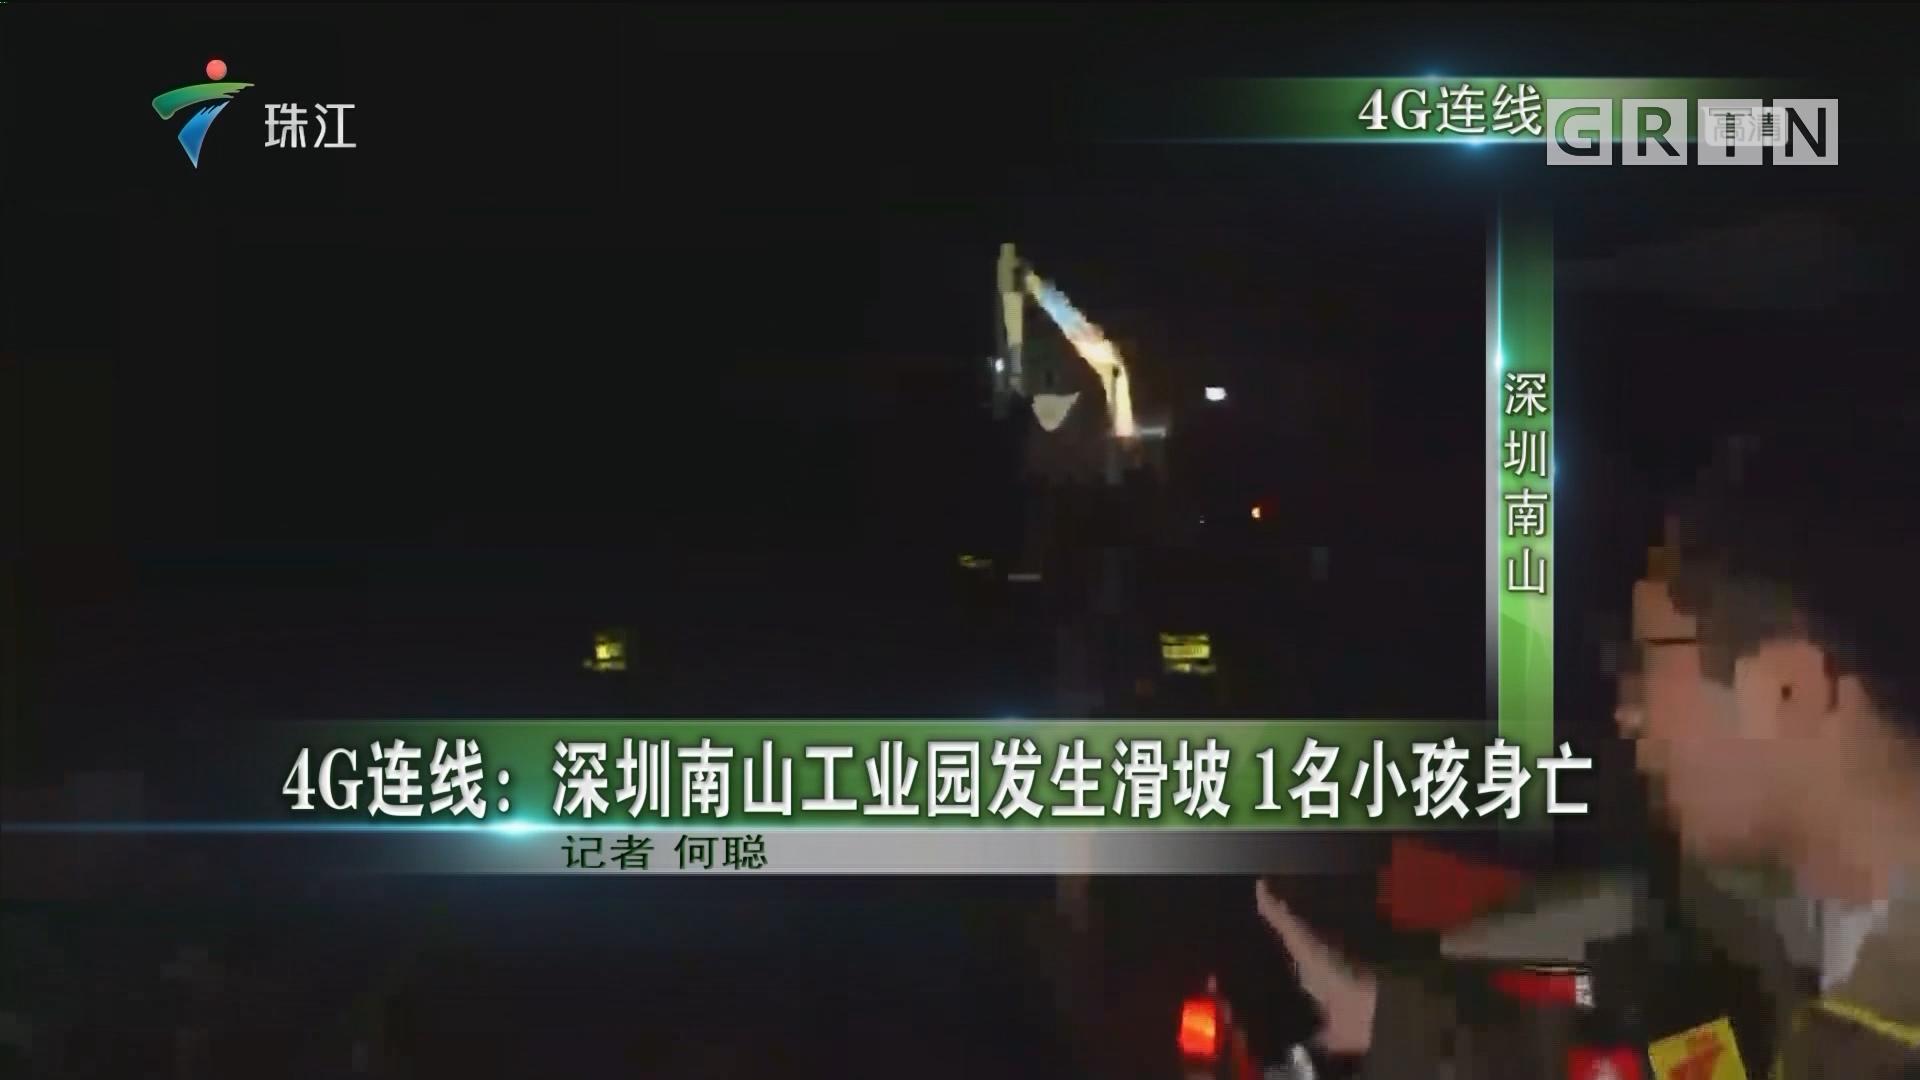 4G连线:深圳南山工业园发生滑坡1名小孩身亡